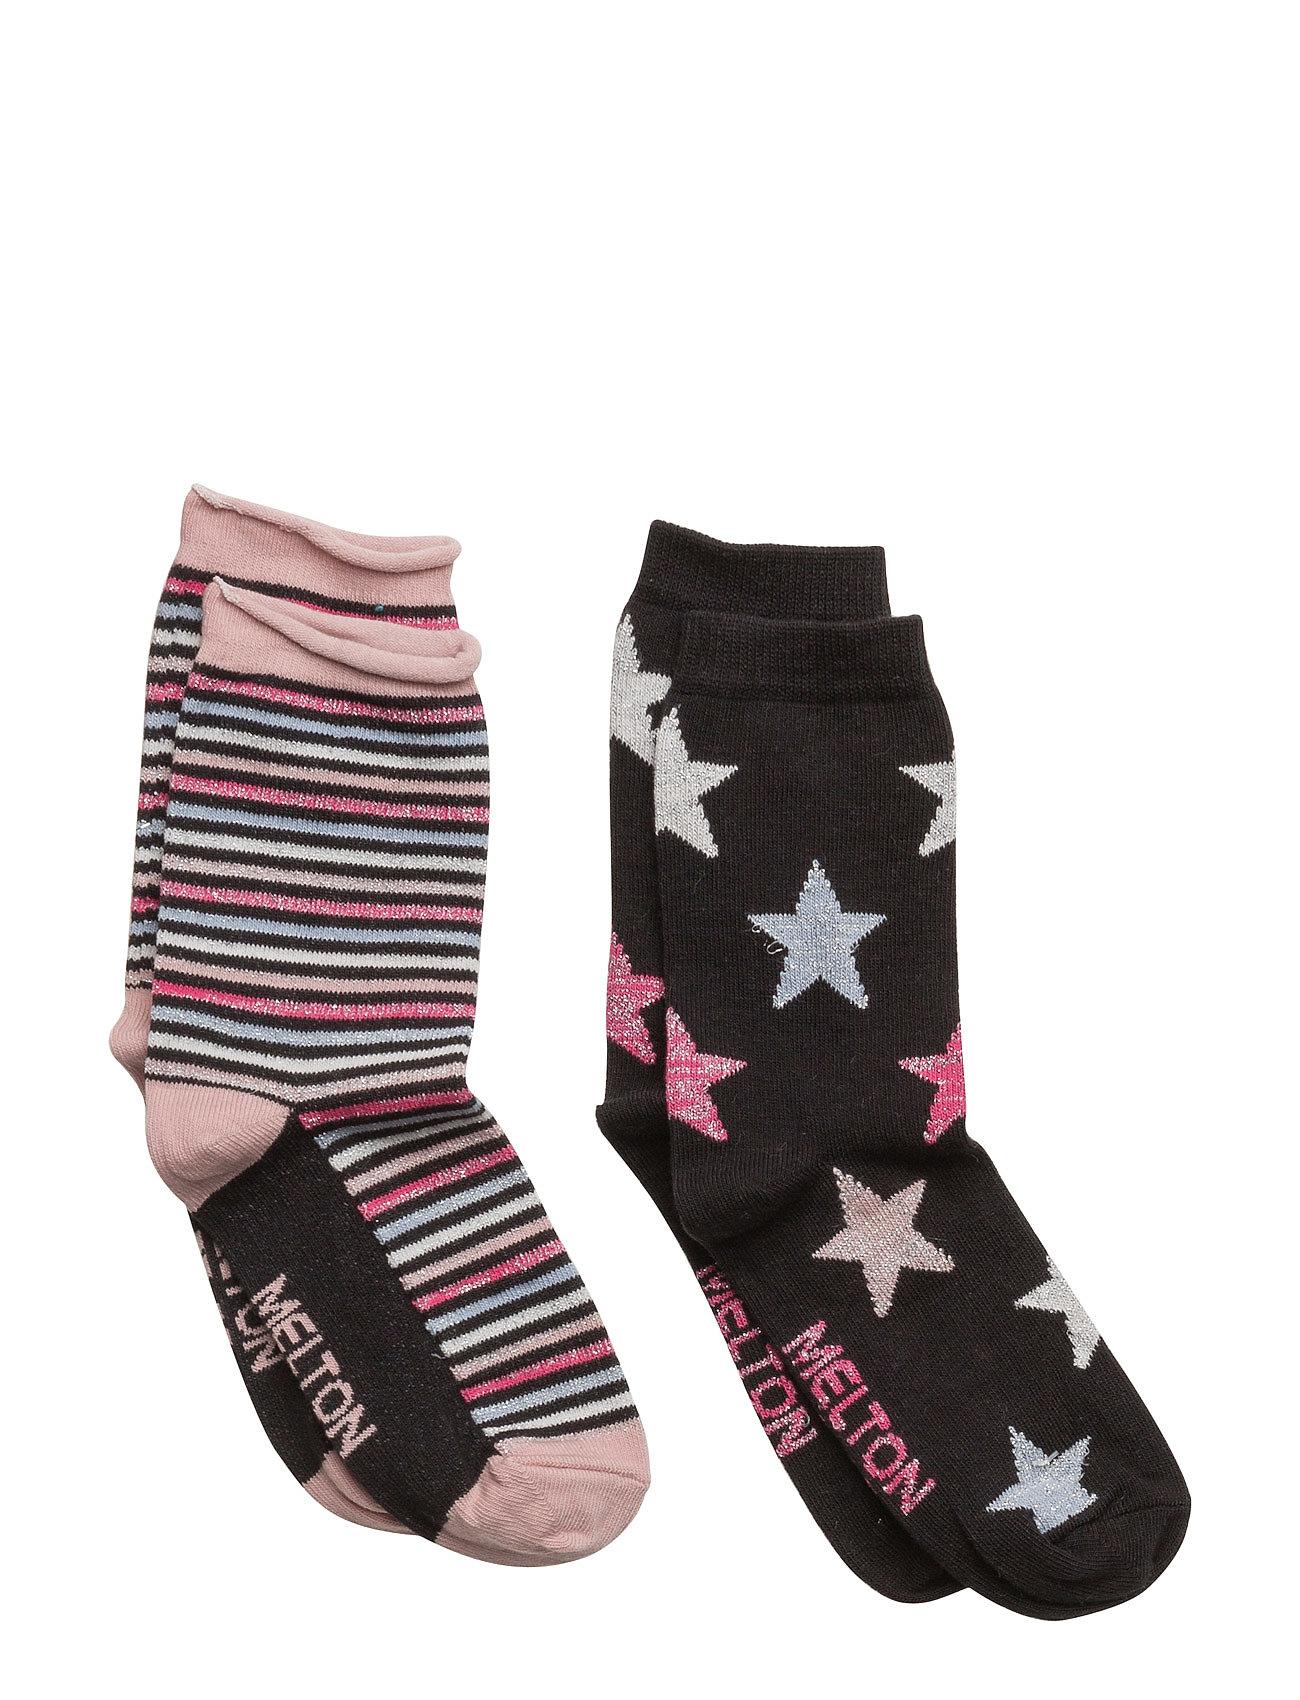 2-Pk Sock - Star/Stripe Lurex Melton Strømper & Strømpebukser til Børn i